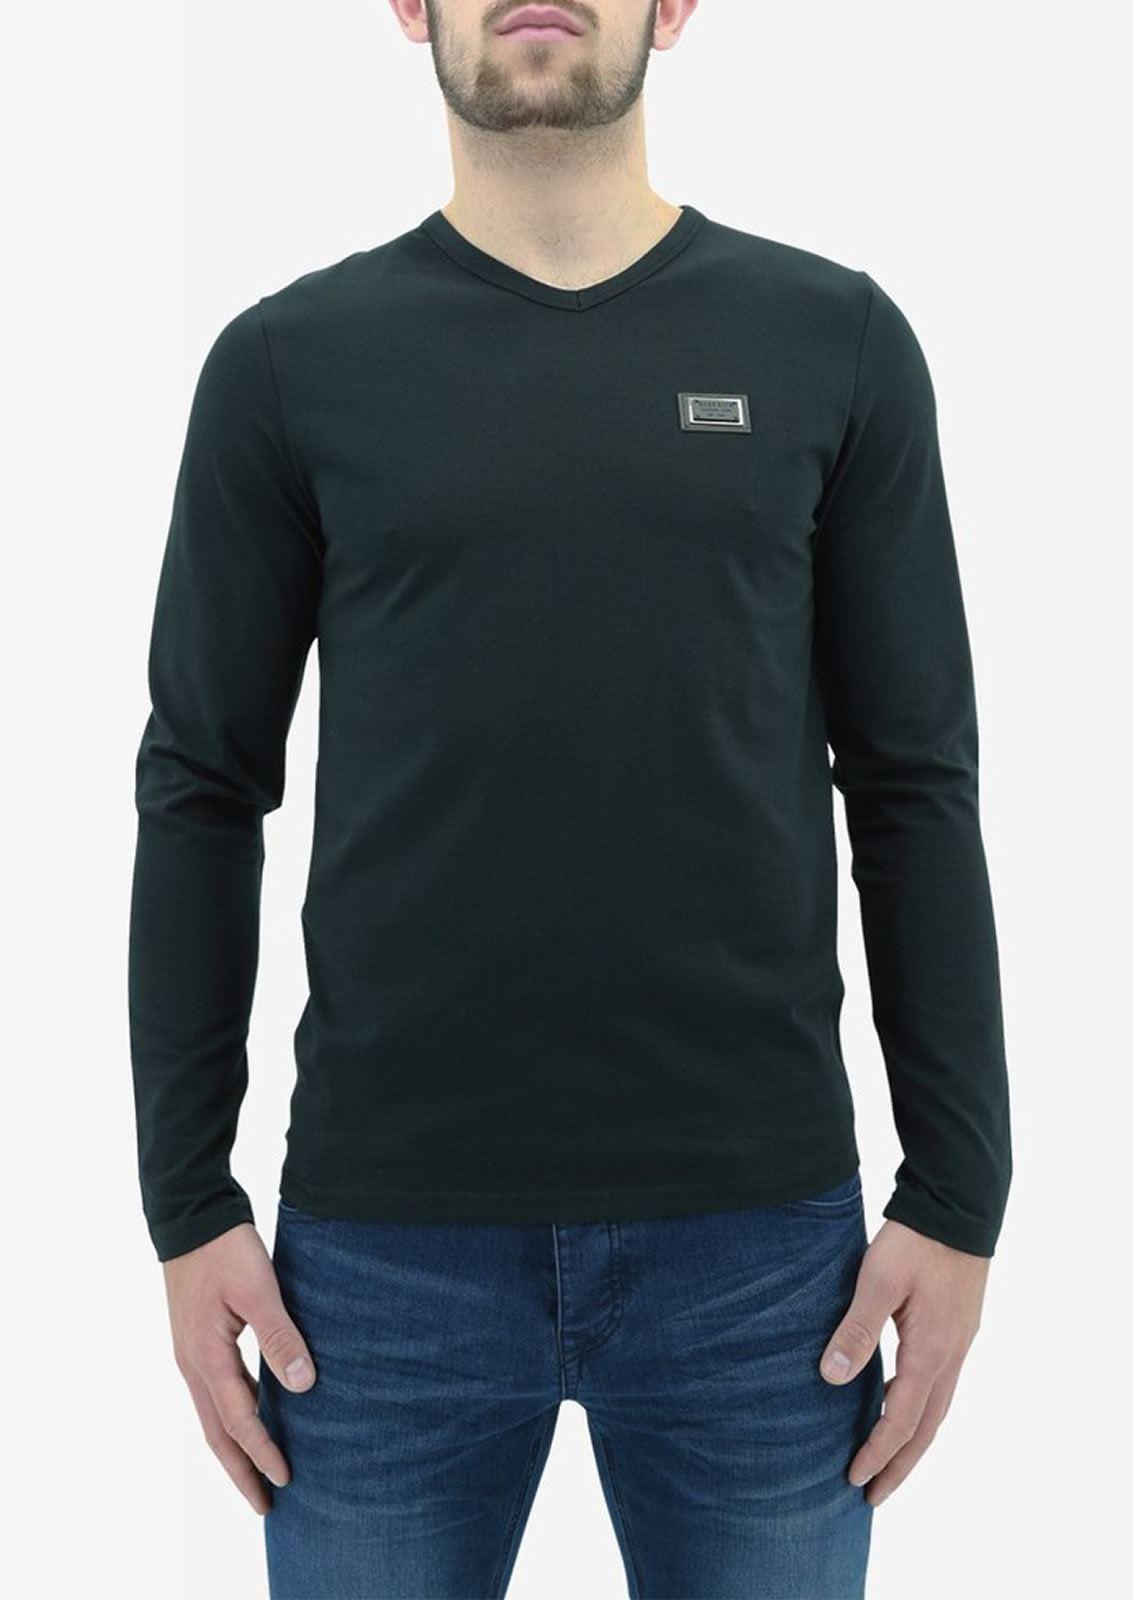 Ne-riche-par-l-039-argent-vetements-jaspe-sanguin-Hommes-T-Shirt-a-Manches-Longues-V-Neck-Tee miniature 8